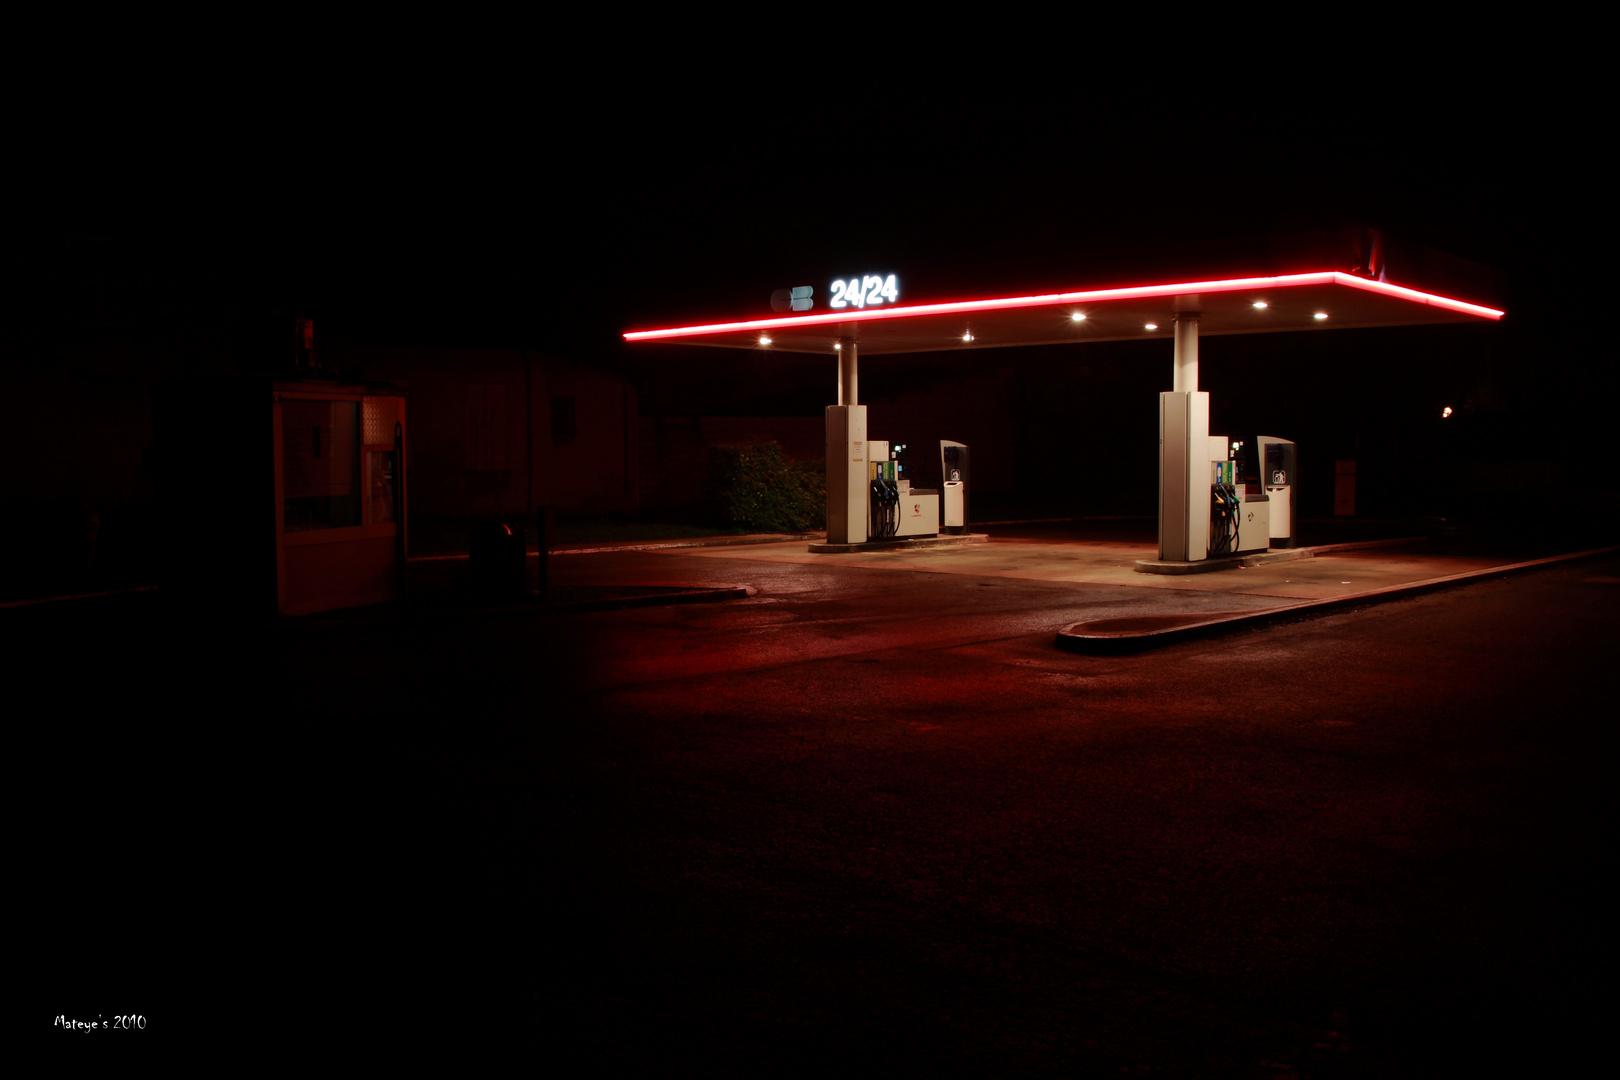 La station de nuit